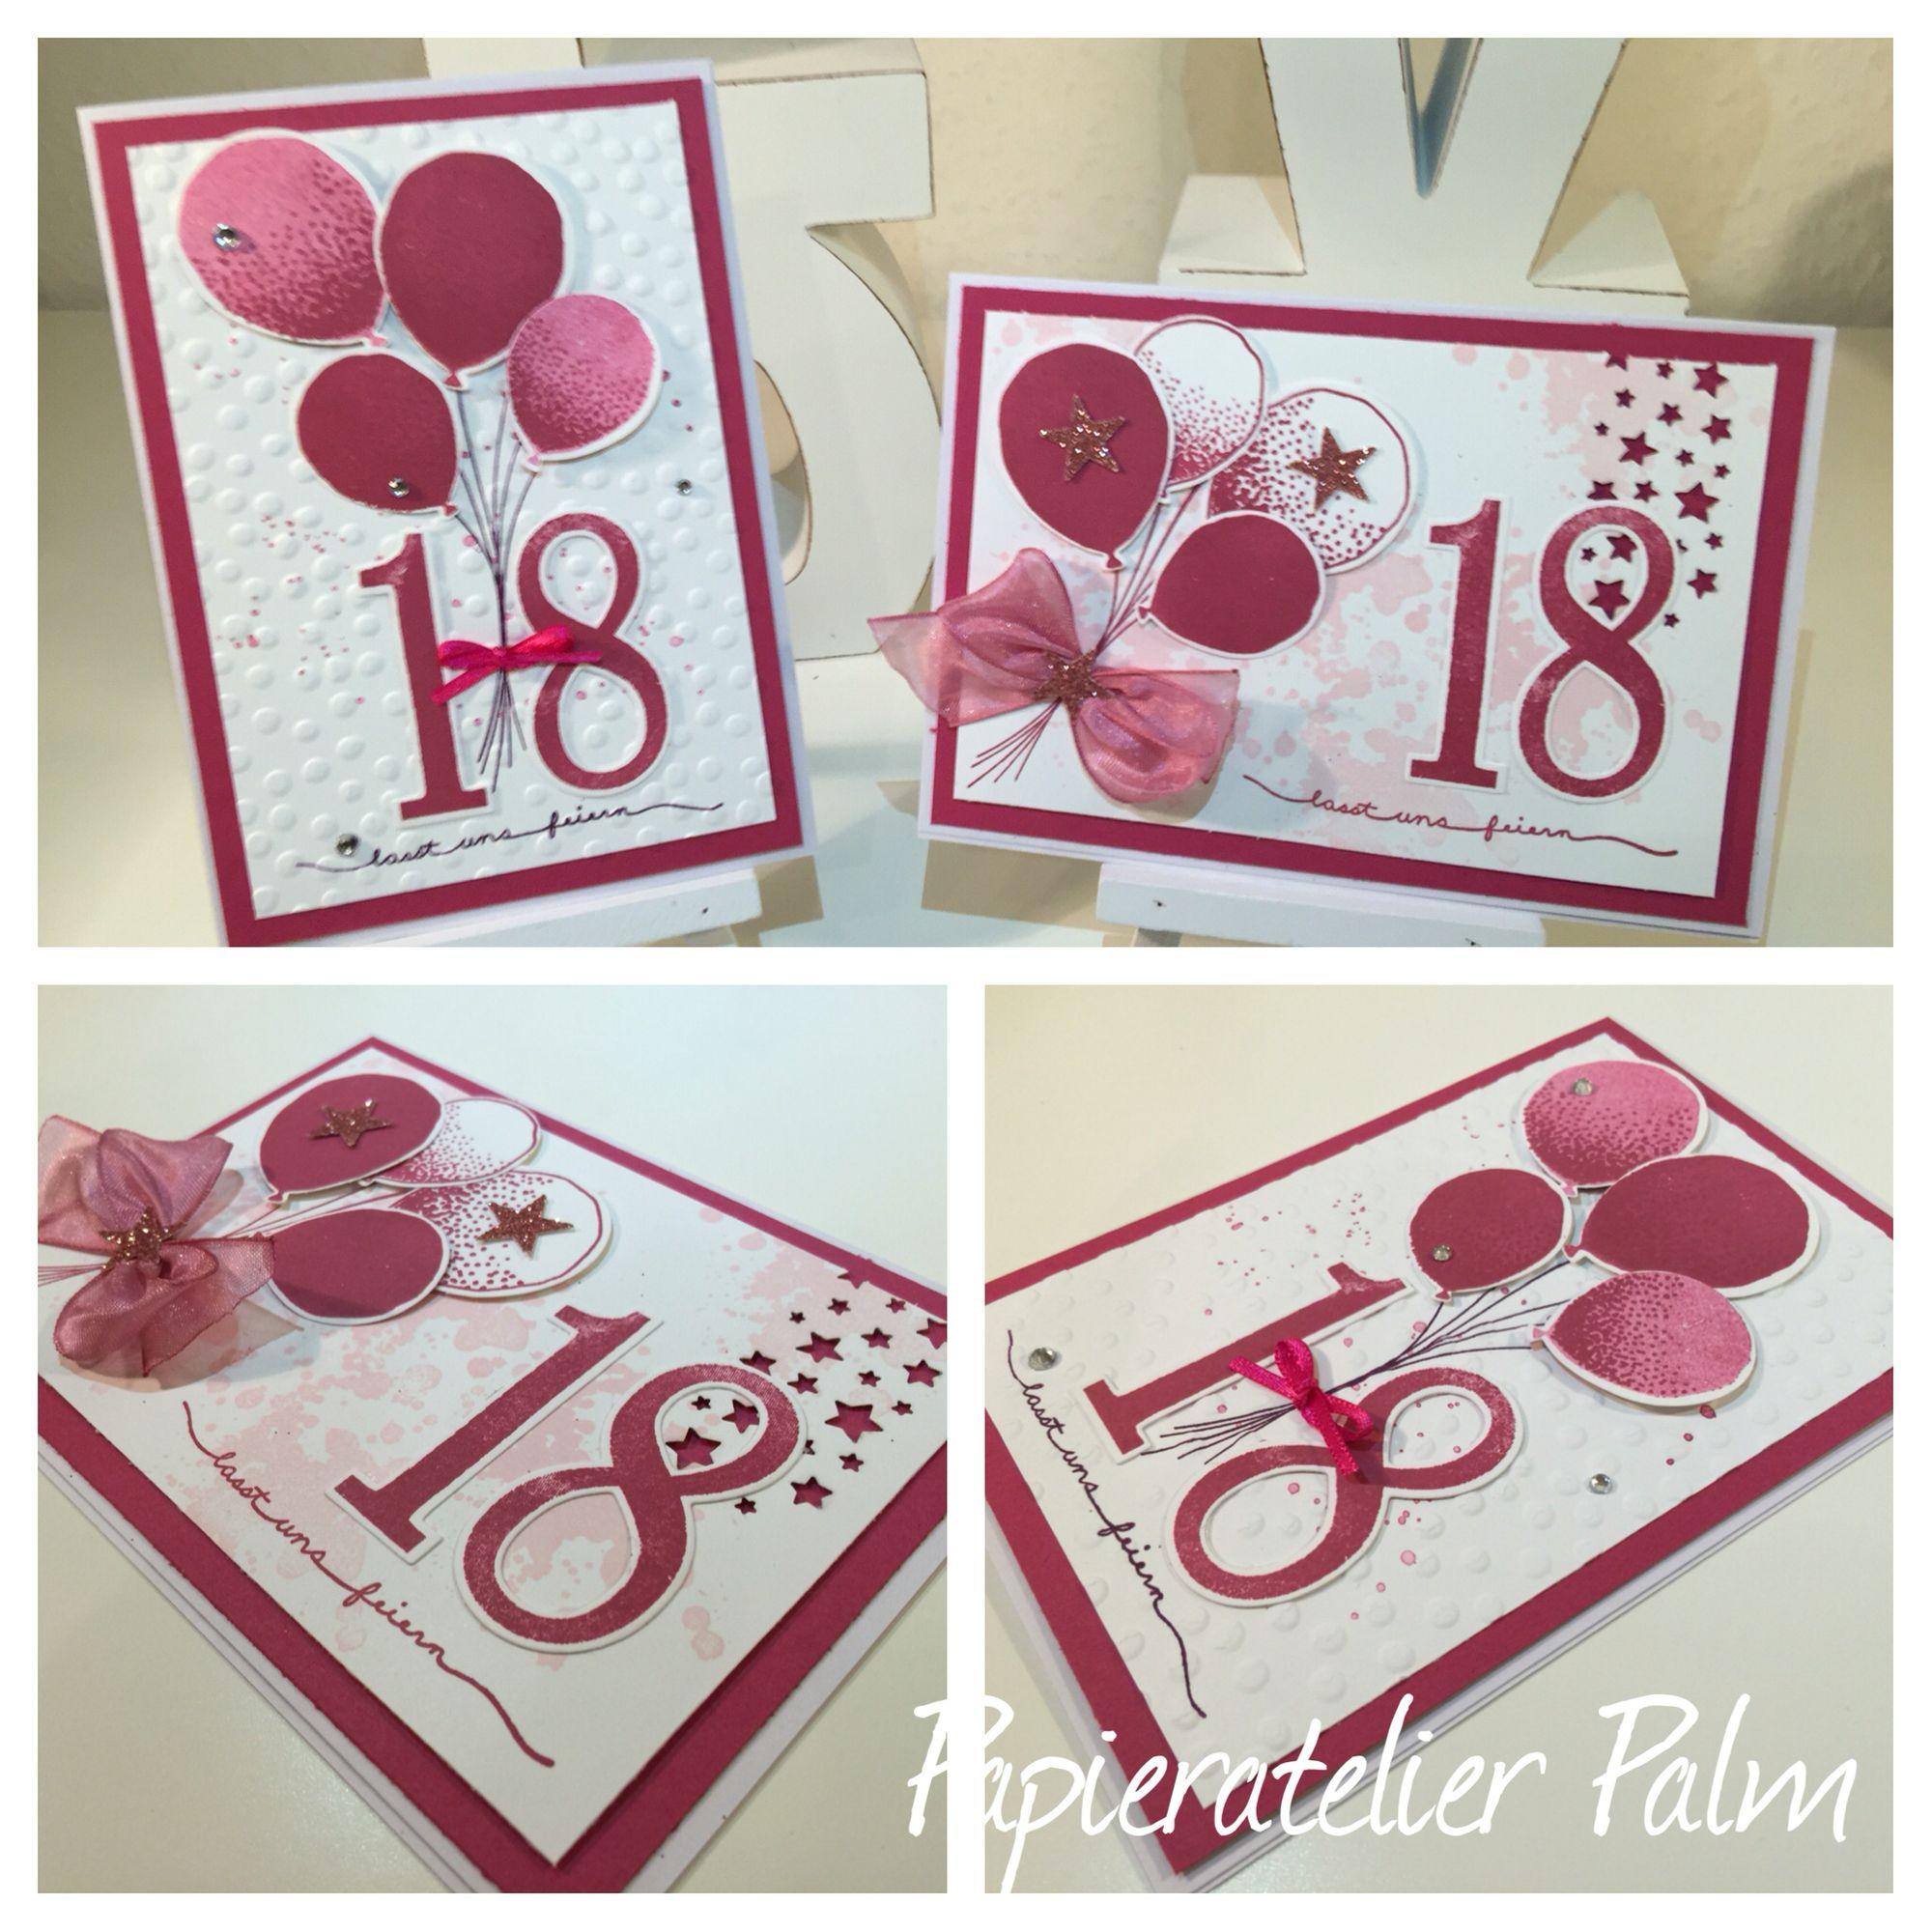 Papieratelier Palm Mit Bildern Geburtstagskarte Danksagung